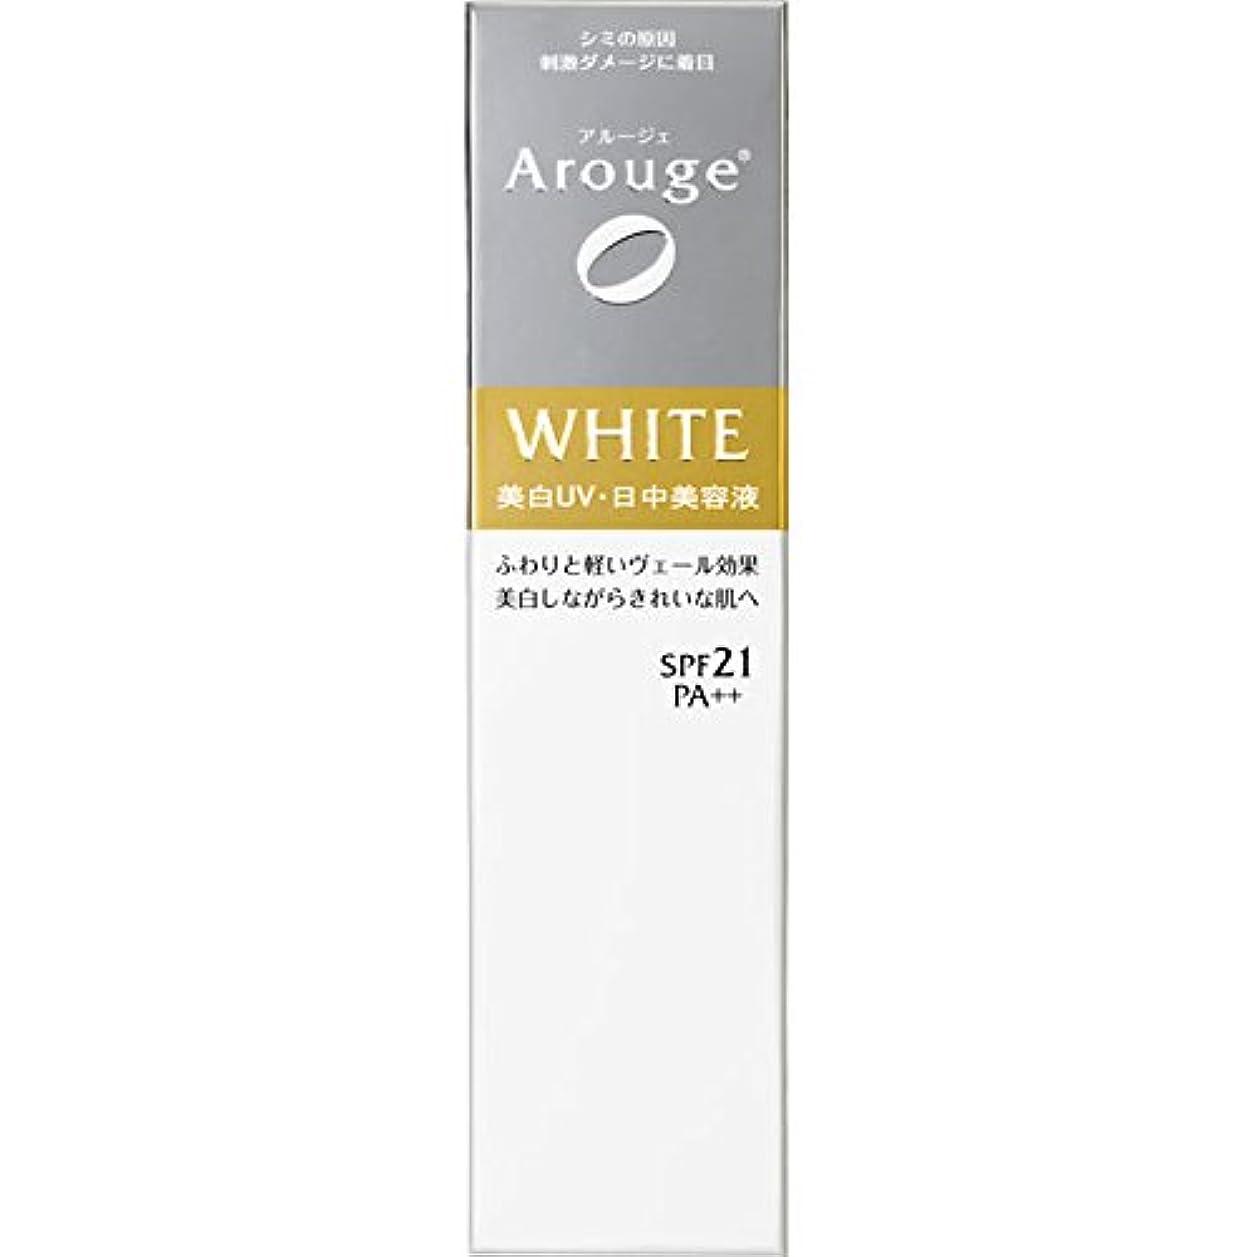 アンドリューハリディ小数薬局アルージェ ホワイトニング UVデイエッセンス 30g (美白UV日中美容液)